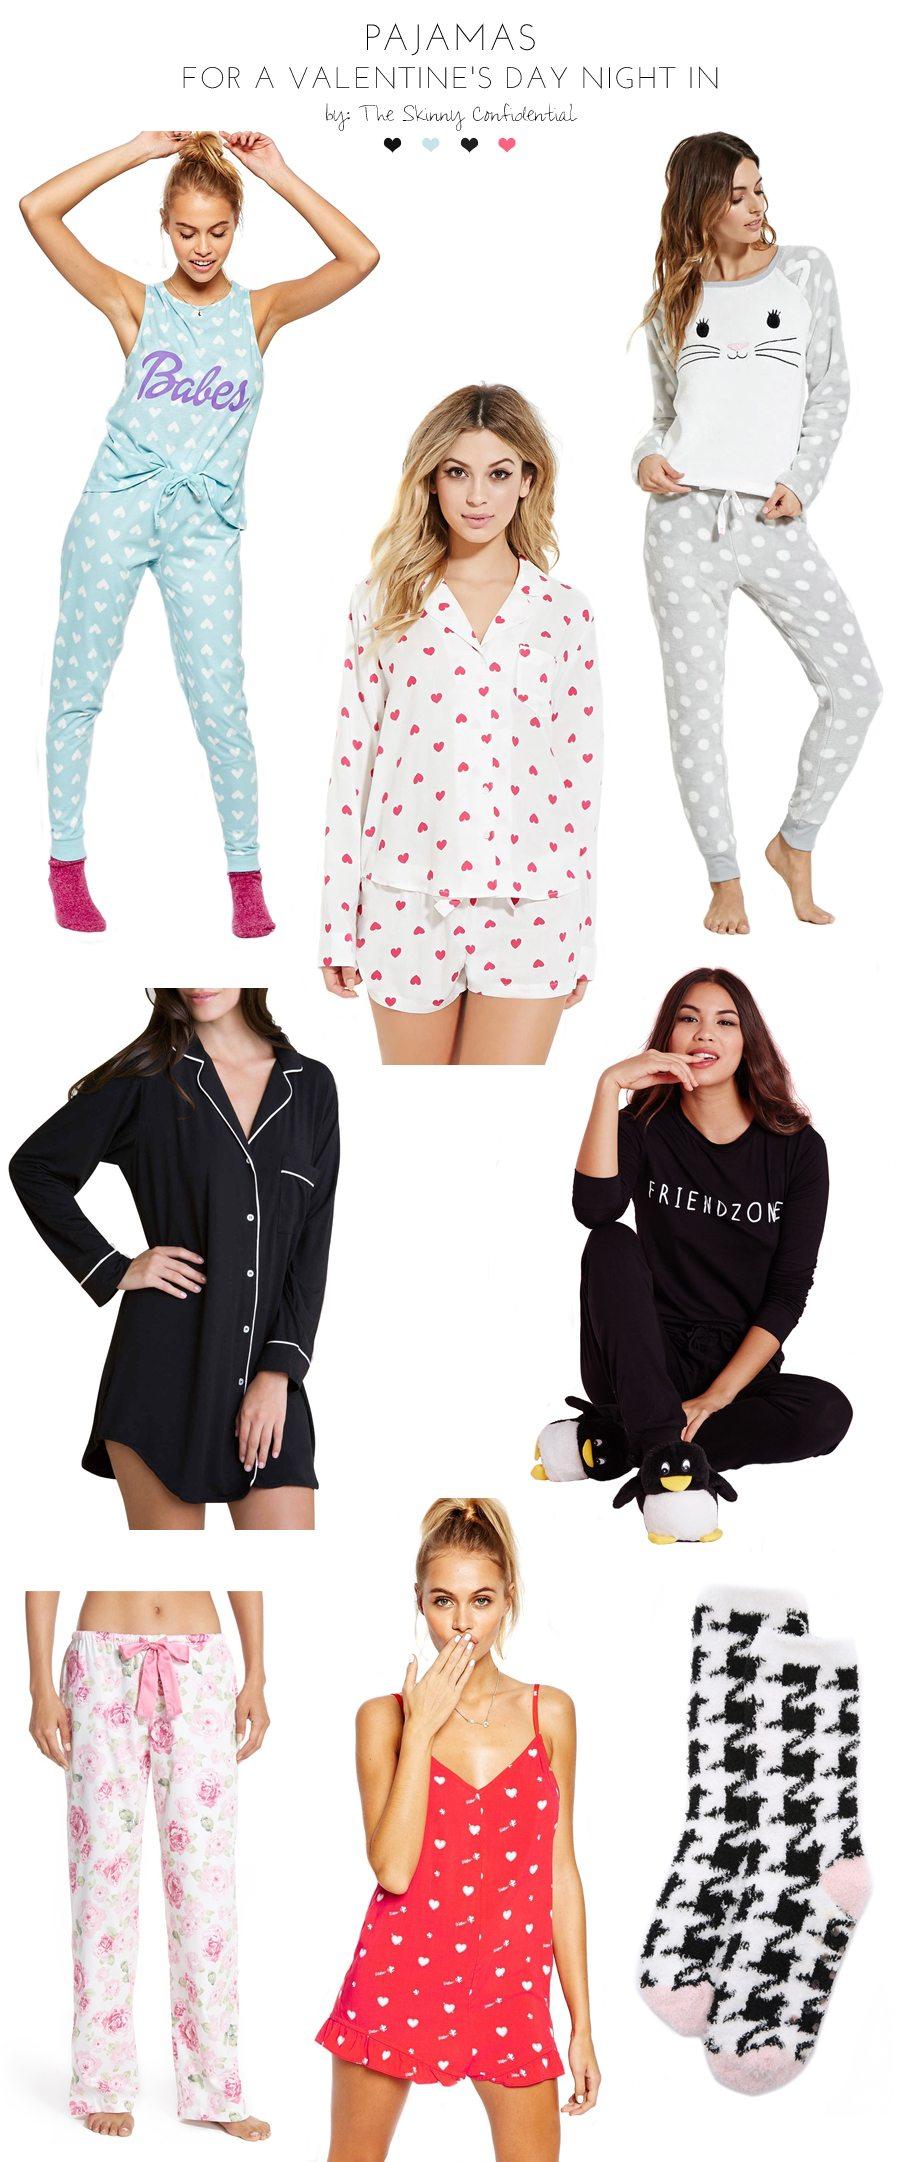 cutes pajamas by the skinny confidential - Valentines Day Pajamas